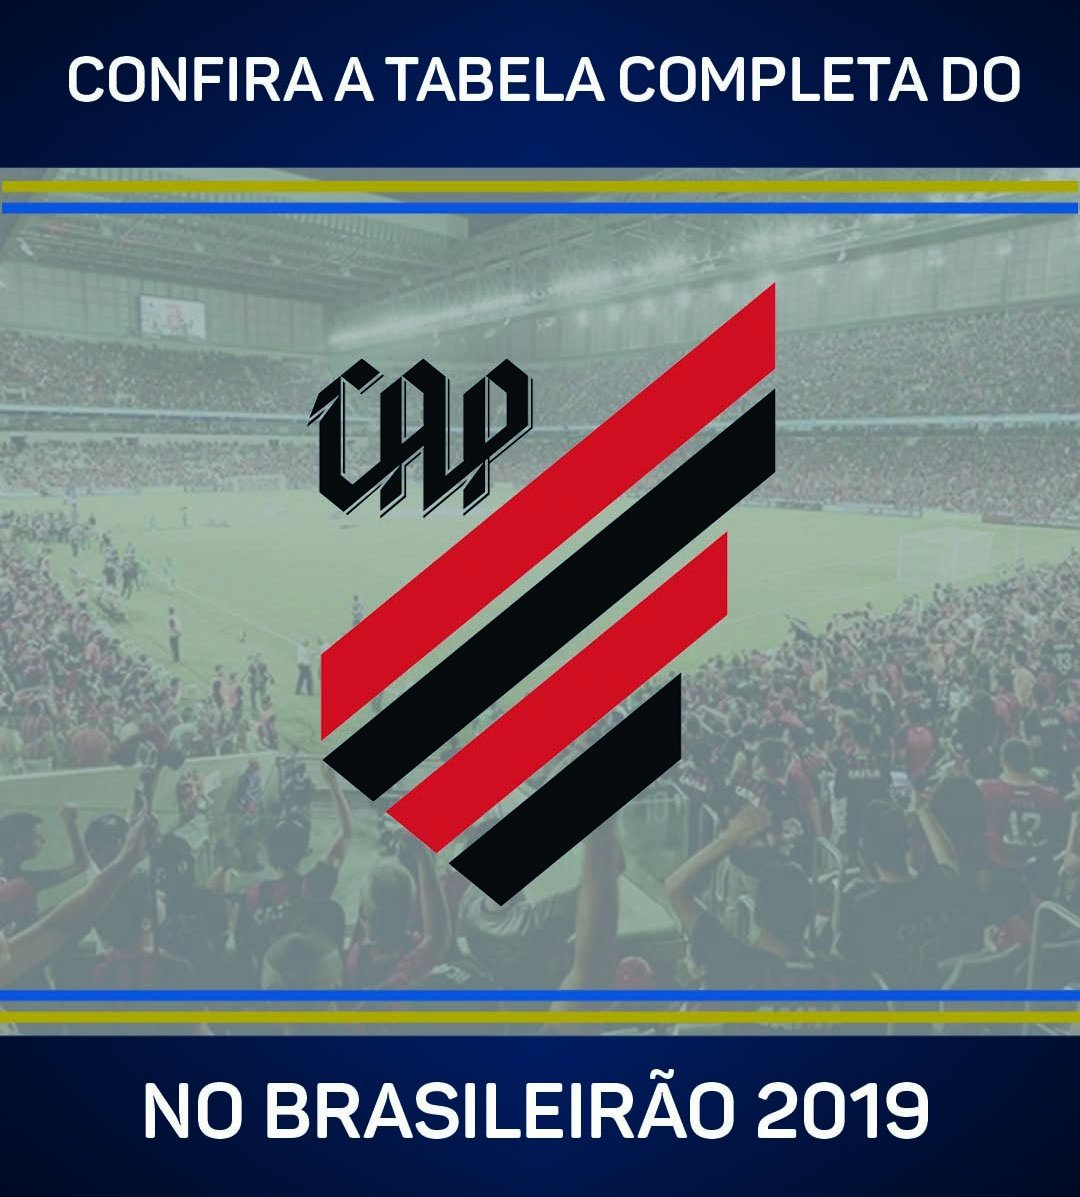 O @atleticopr encara o Vasco na estreia do !#Brasileirão2019  Veja a tabela completa do clube >>  https://t.co/kJKZQXP7HG